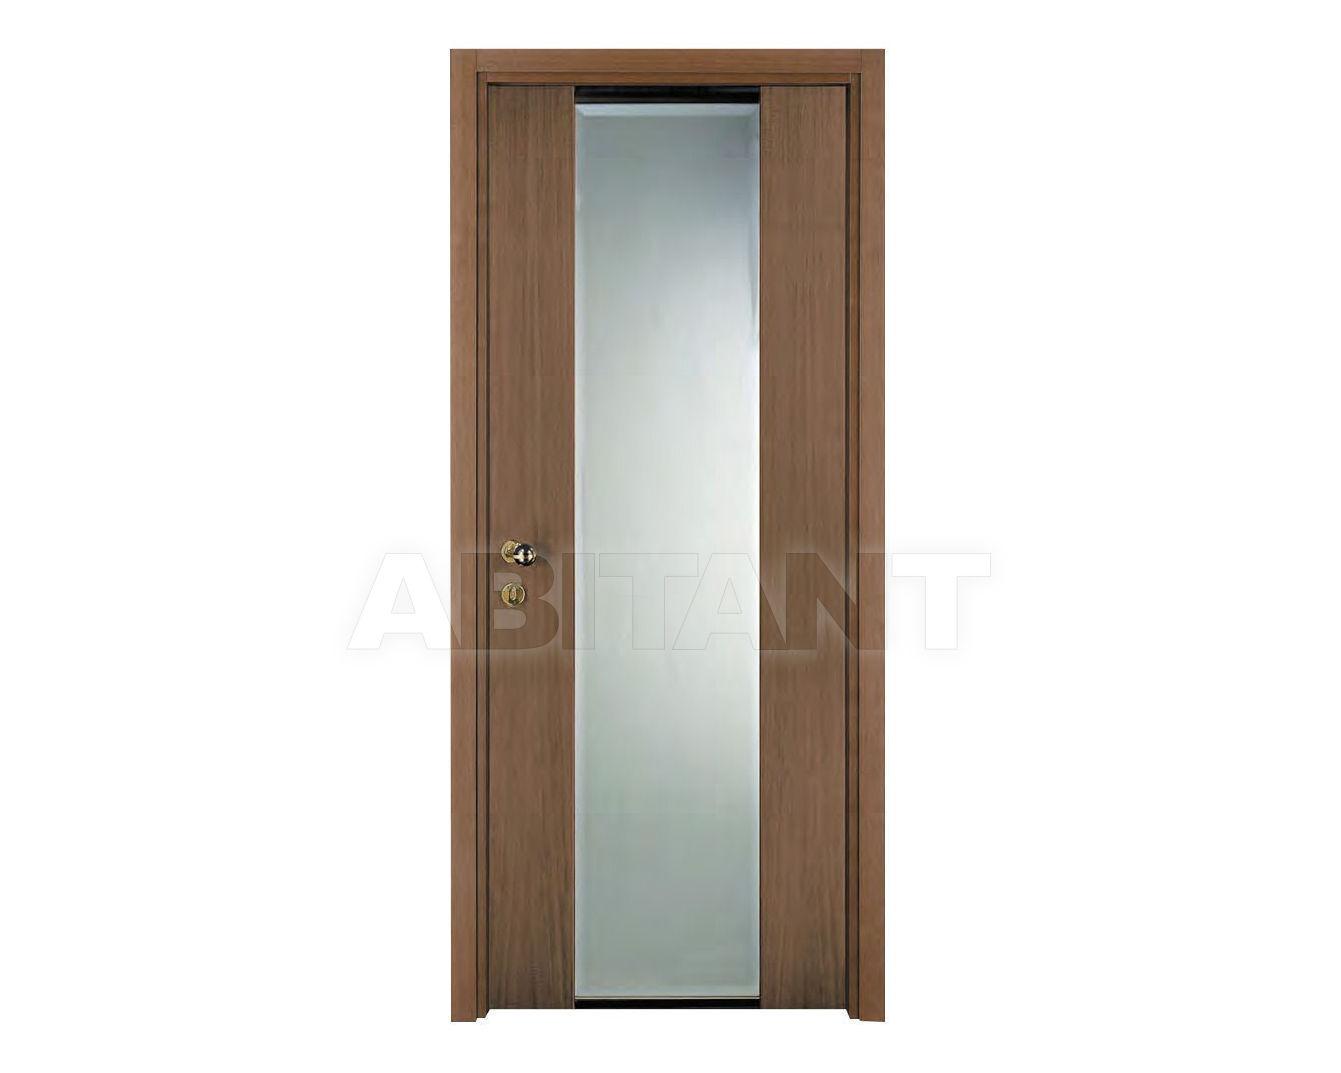 Купить Дверь деревянная Fioravazzi Lisce CHIARA VETRO